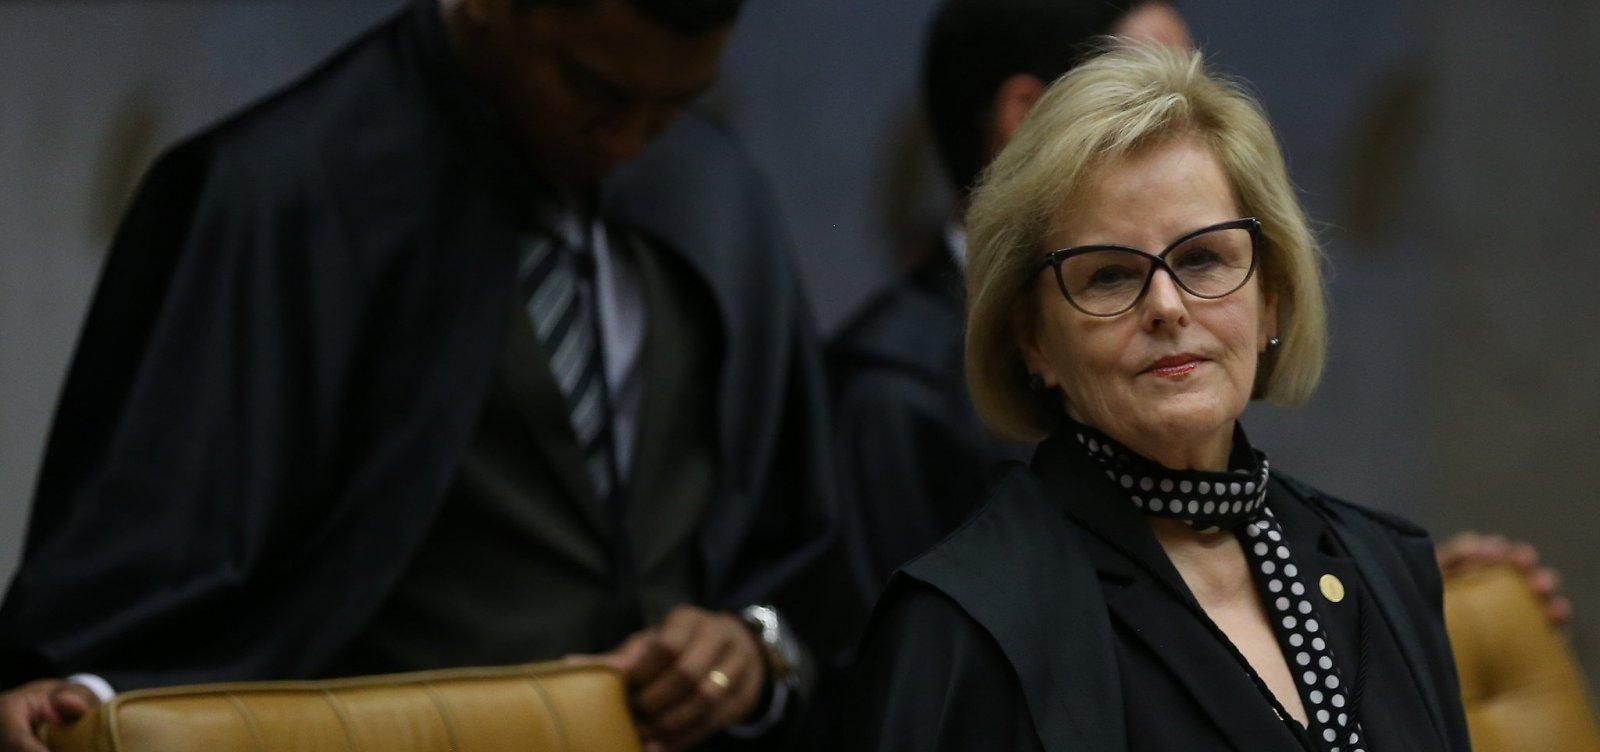 Rosa Weber ressalta que não há fraude comprovada das urnas eletrônicas